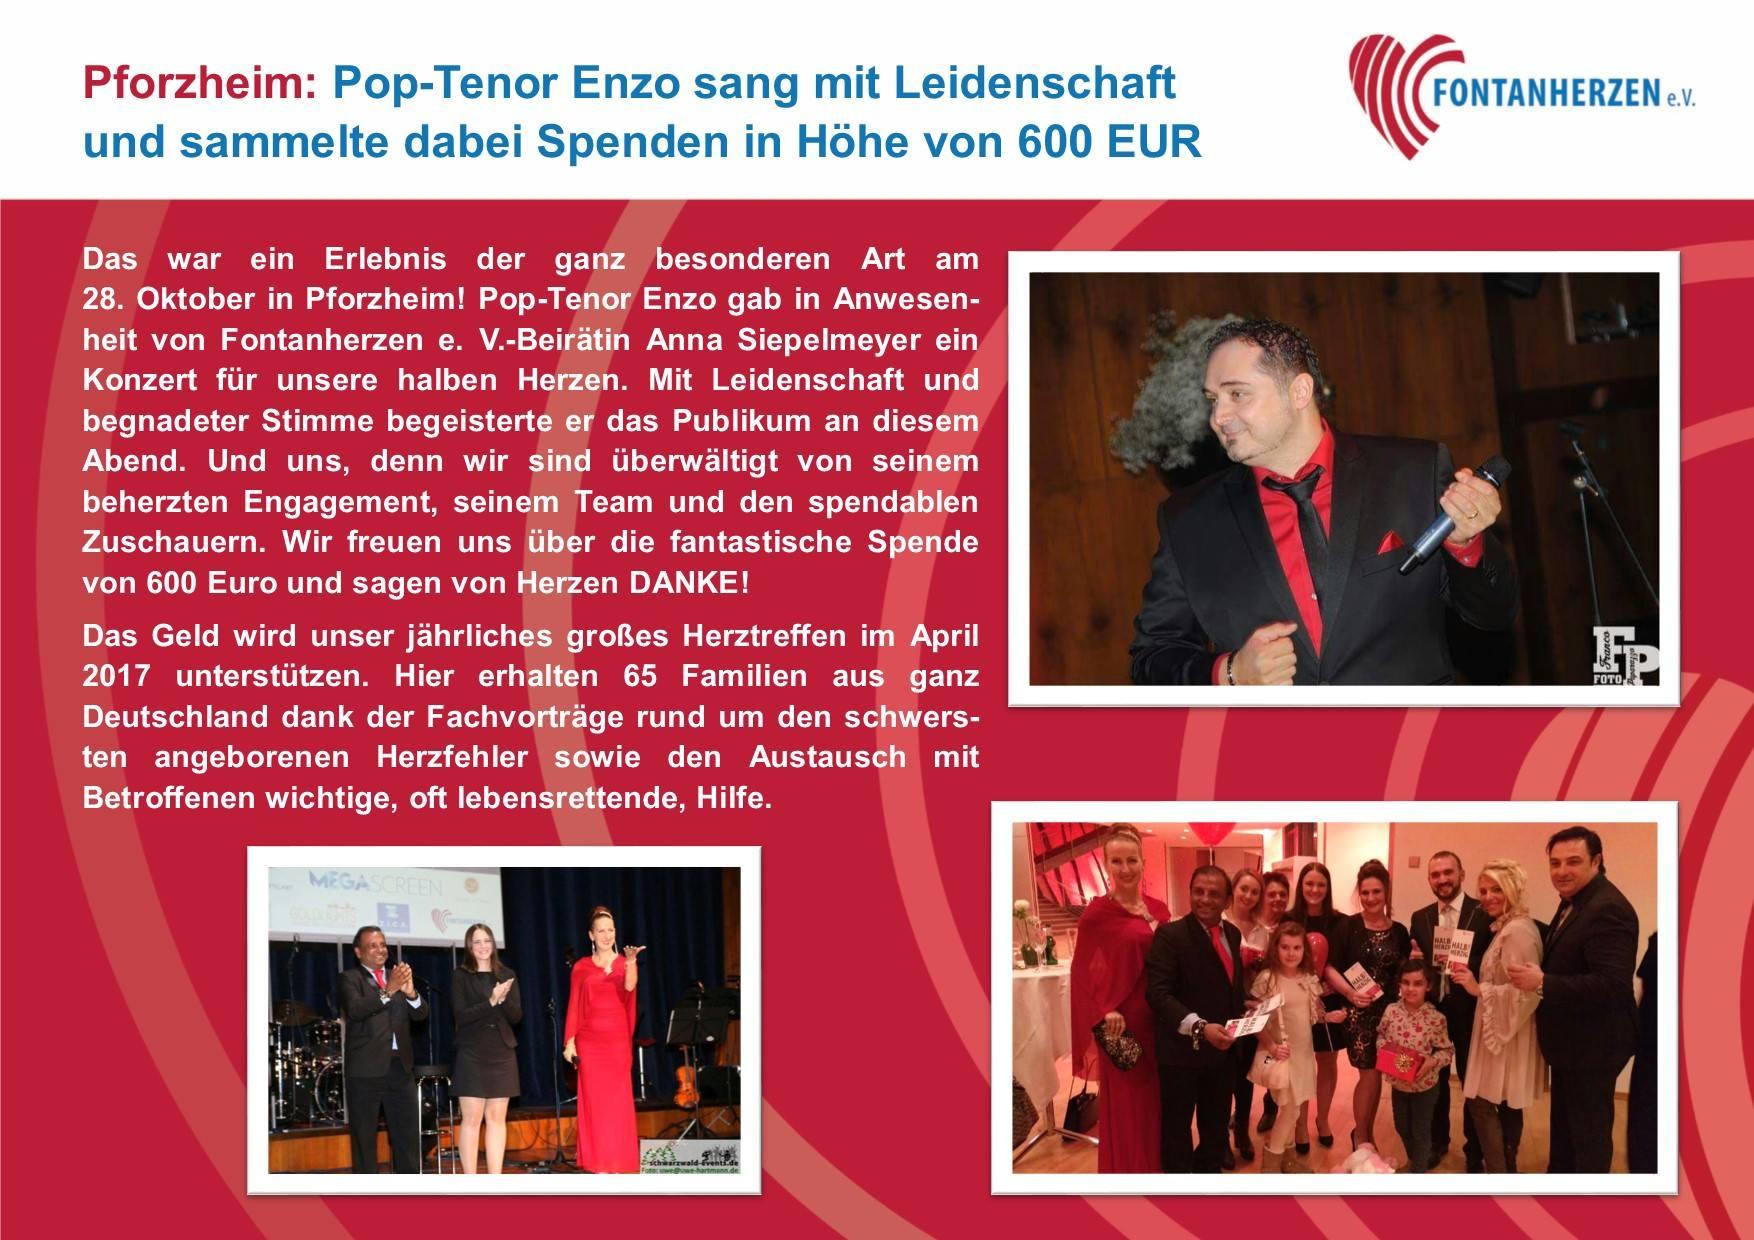 Pop-Tenor Enzo gab ein Konzert für unsere halben Herzen!